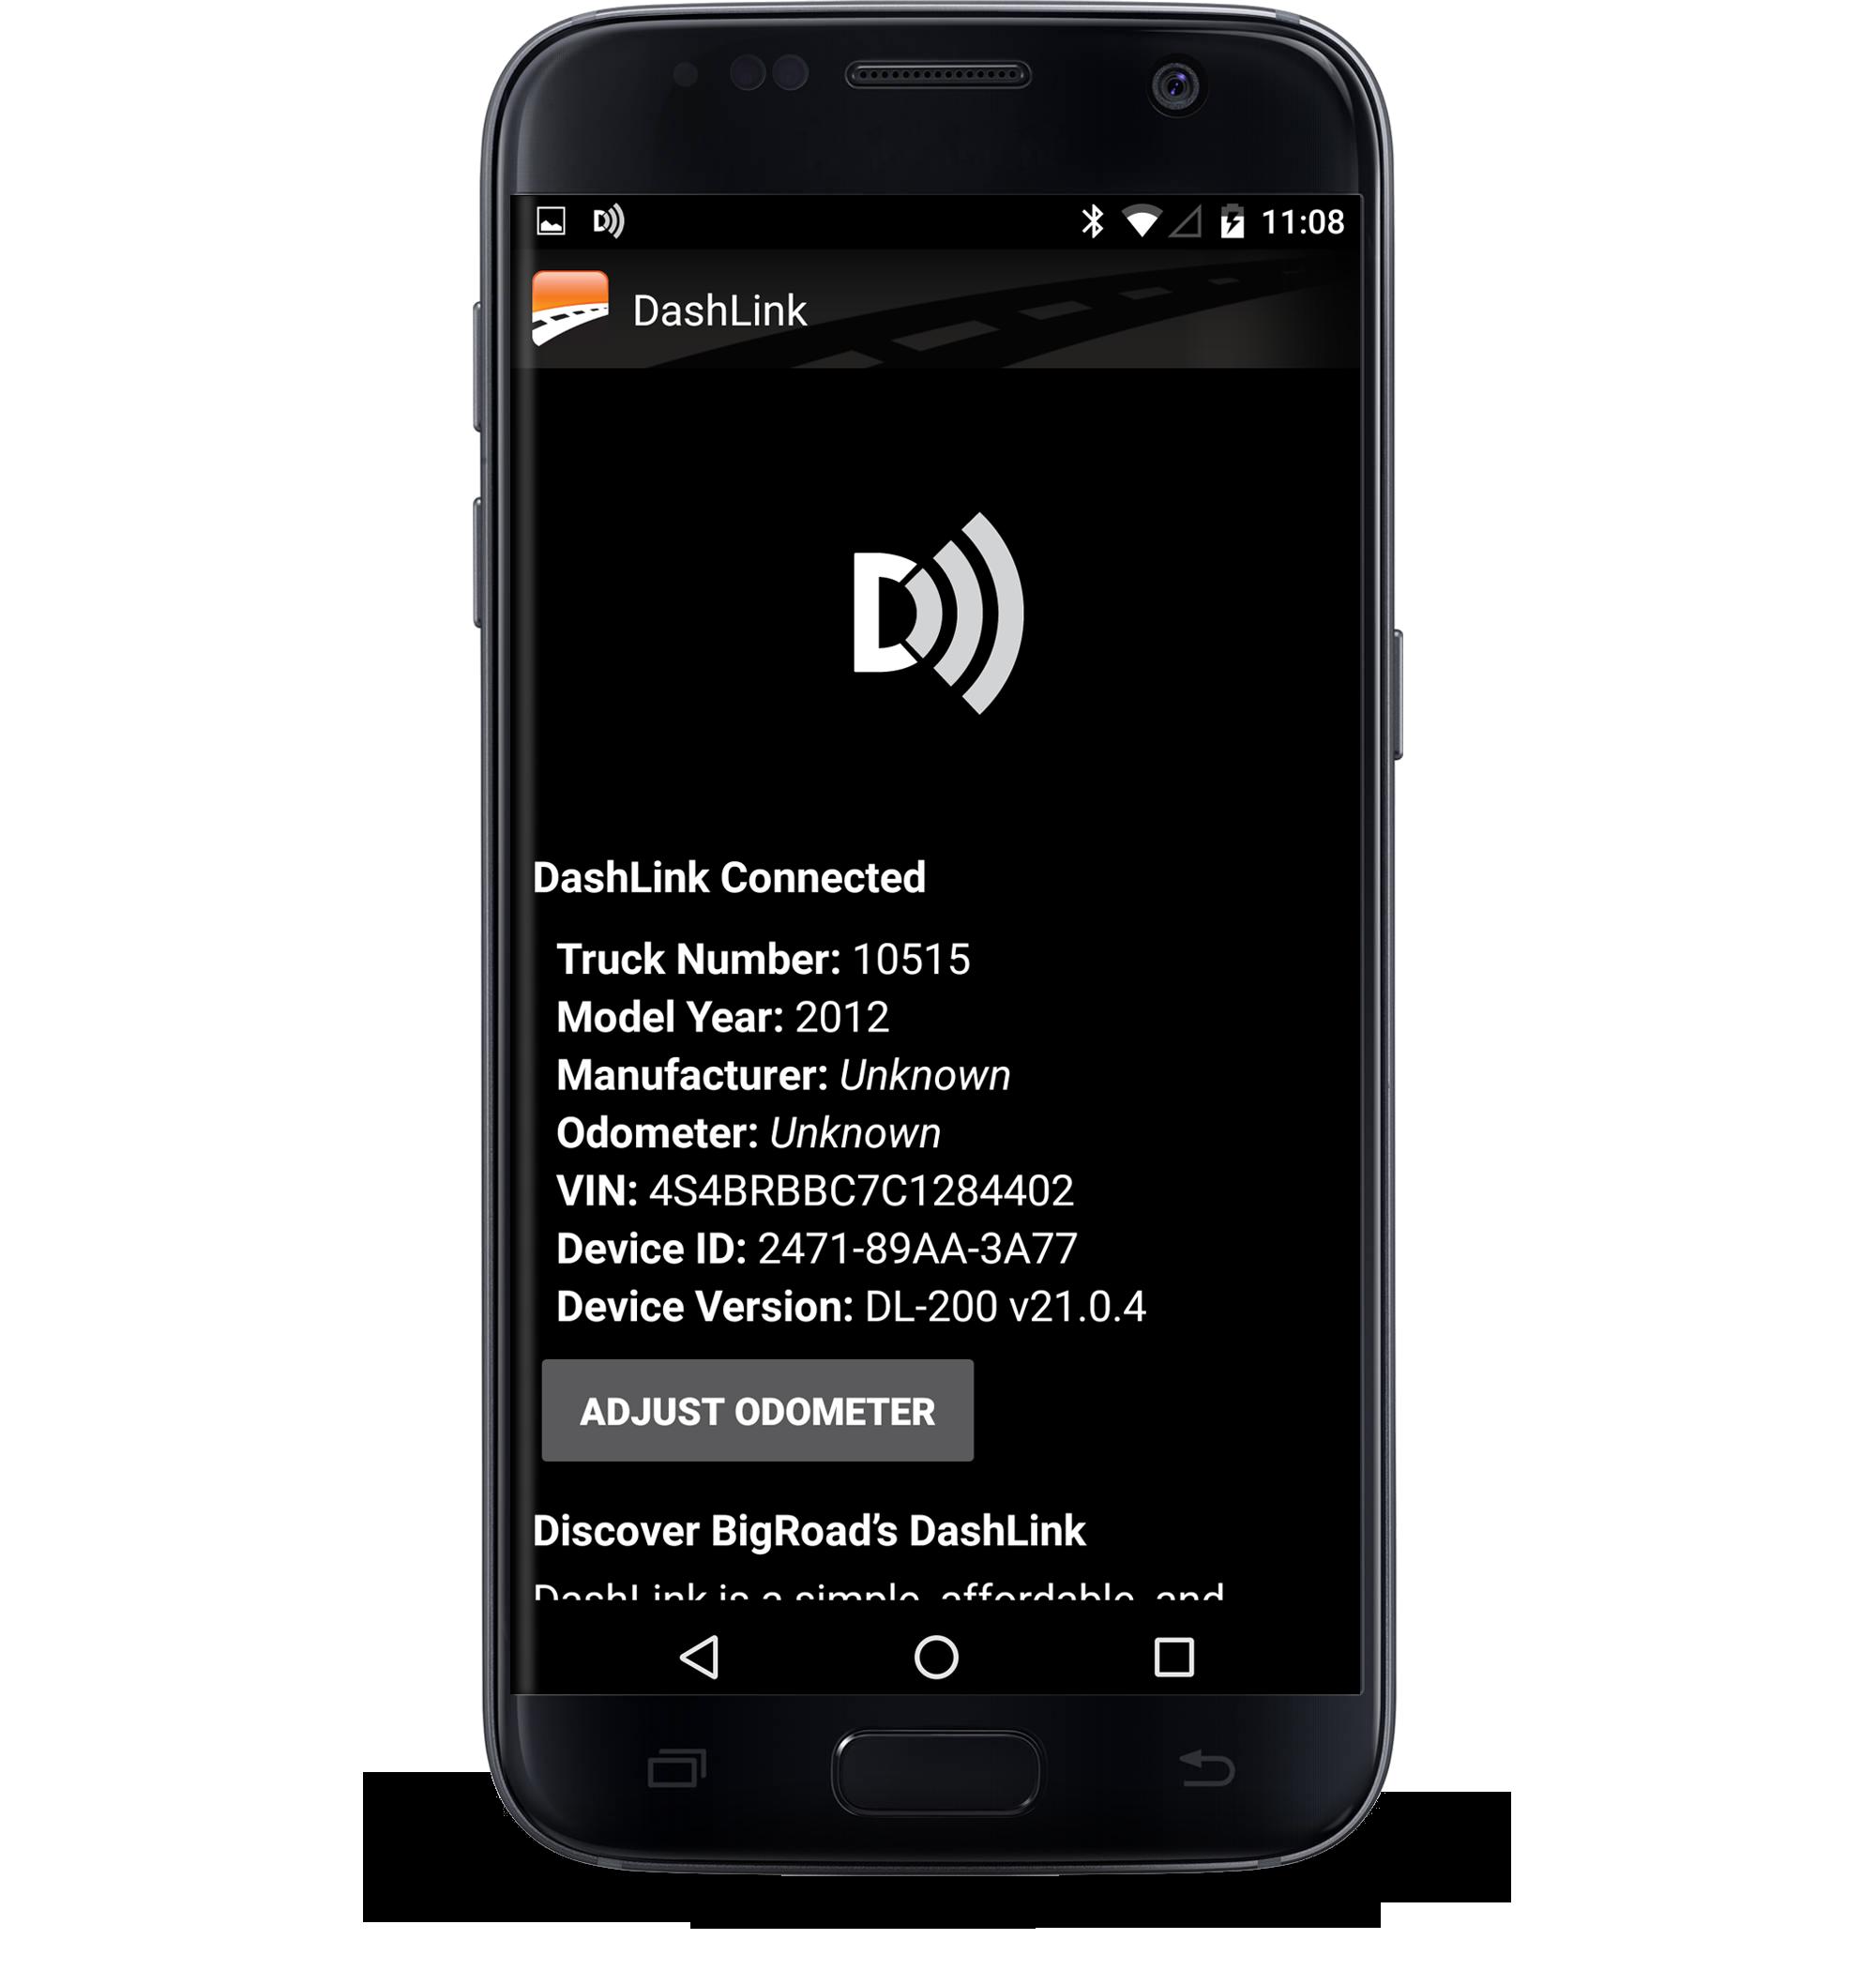 BR-screenshot-device-dashlink-connected